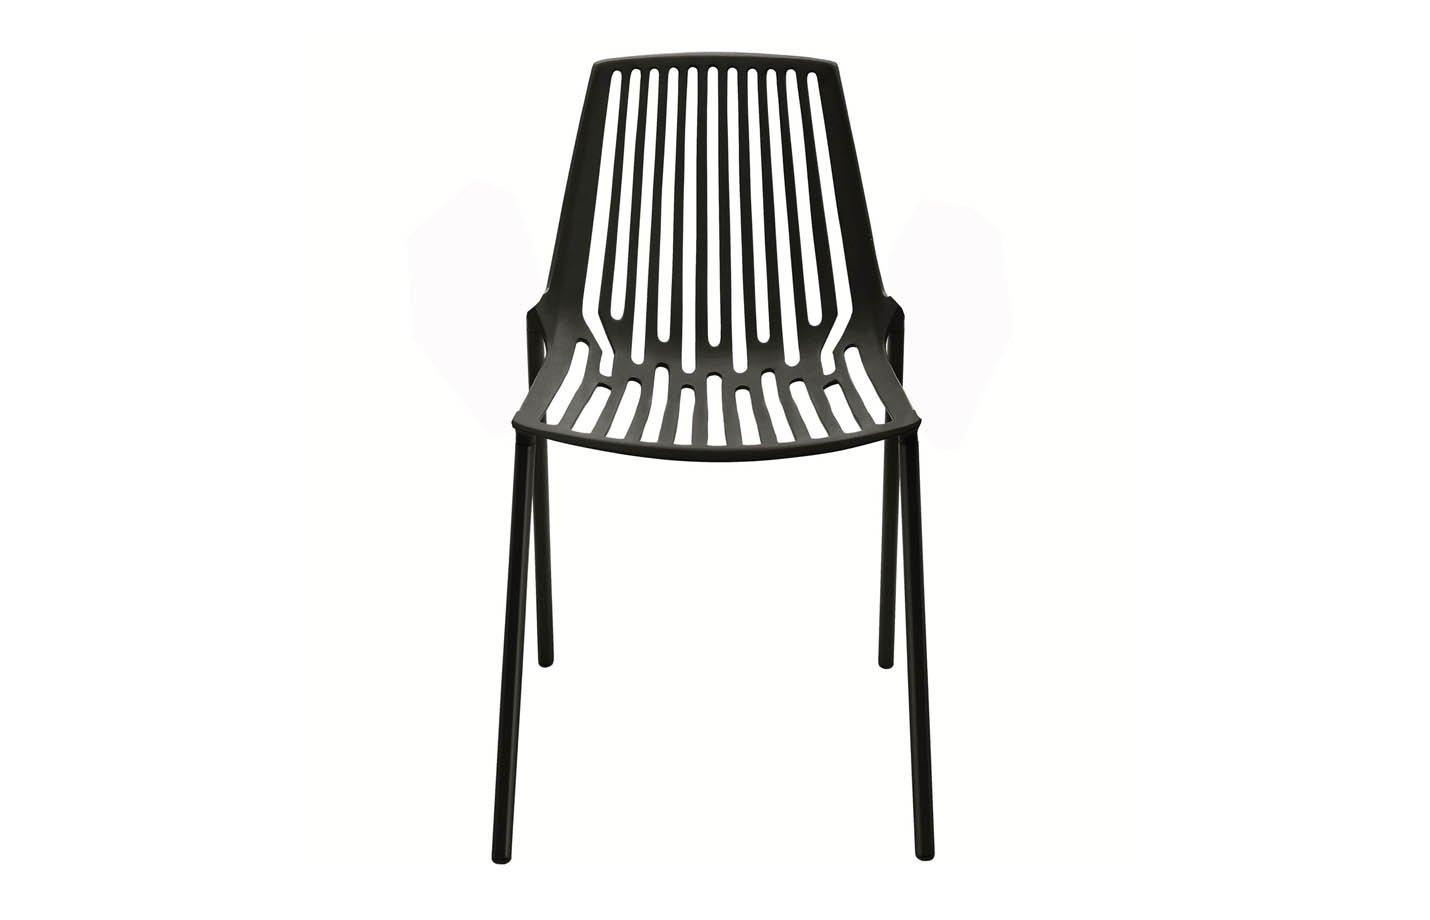 Rion Chair Fabiia